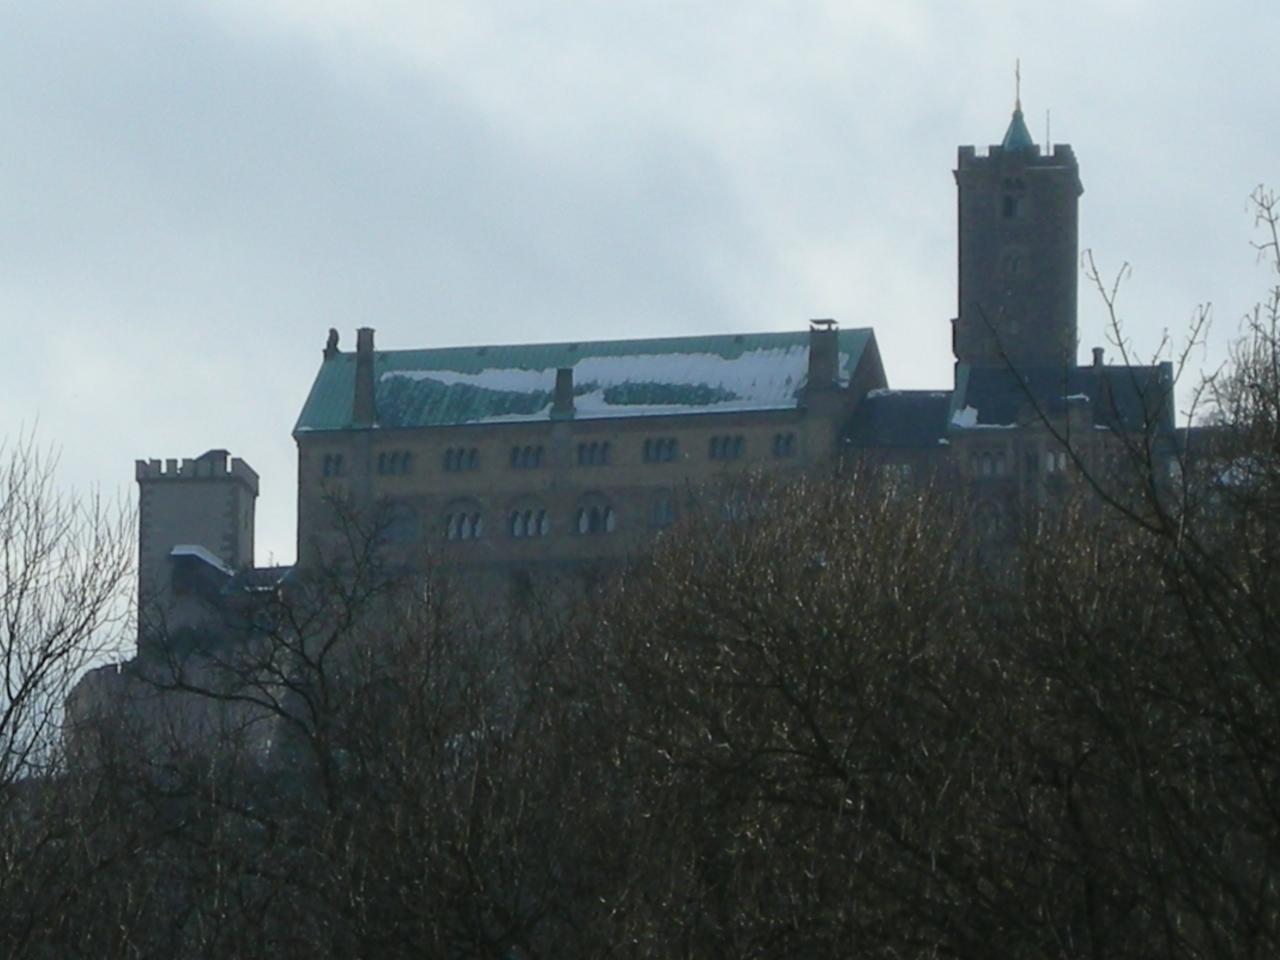 ヴァルトブルク城の画像 p1_24